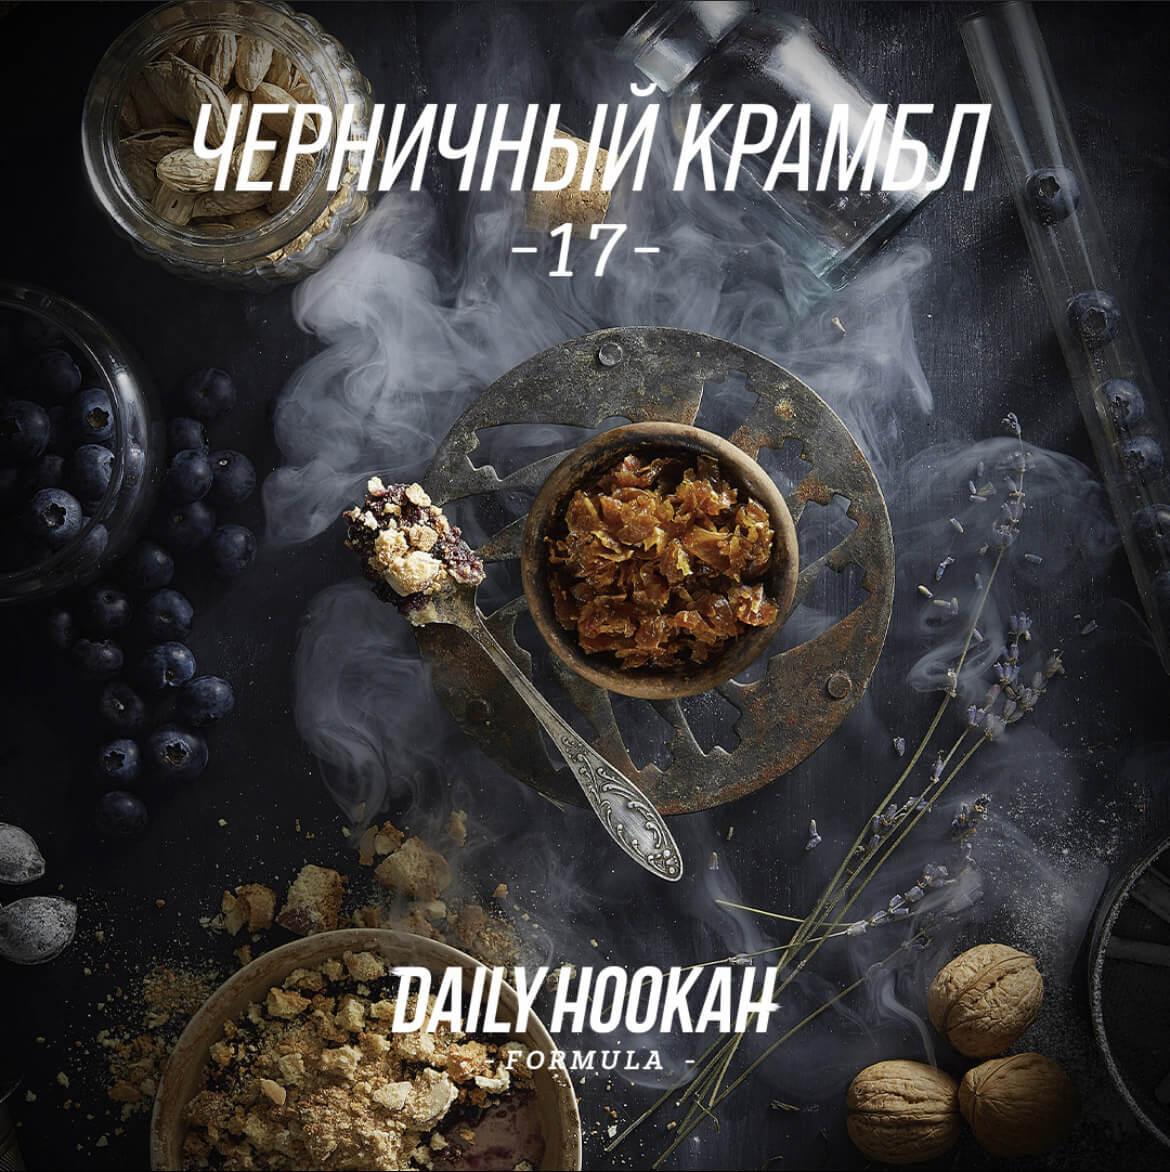 Табак Daily Hookah Черничный крамбл